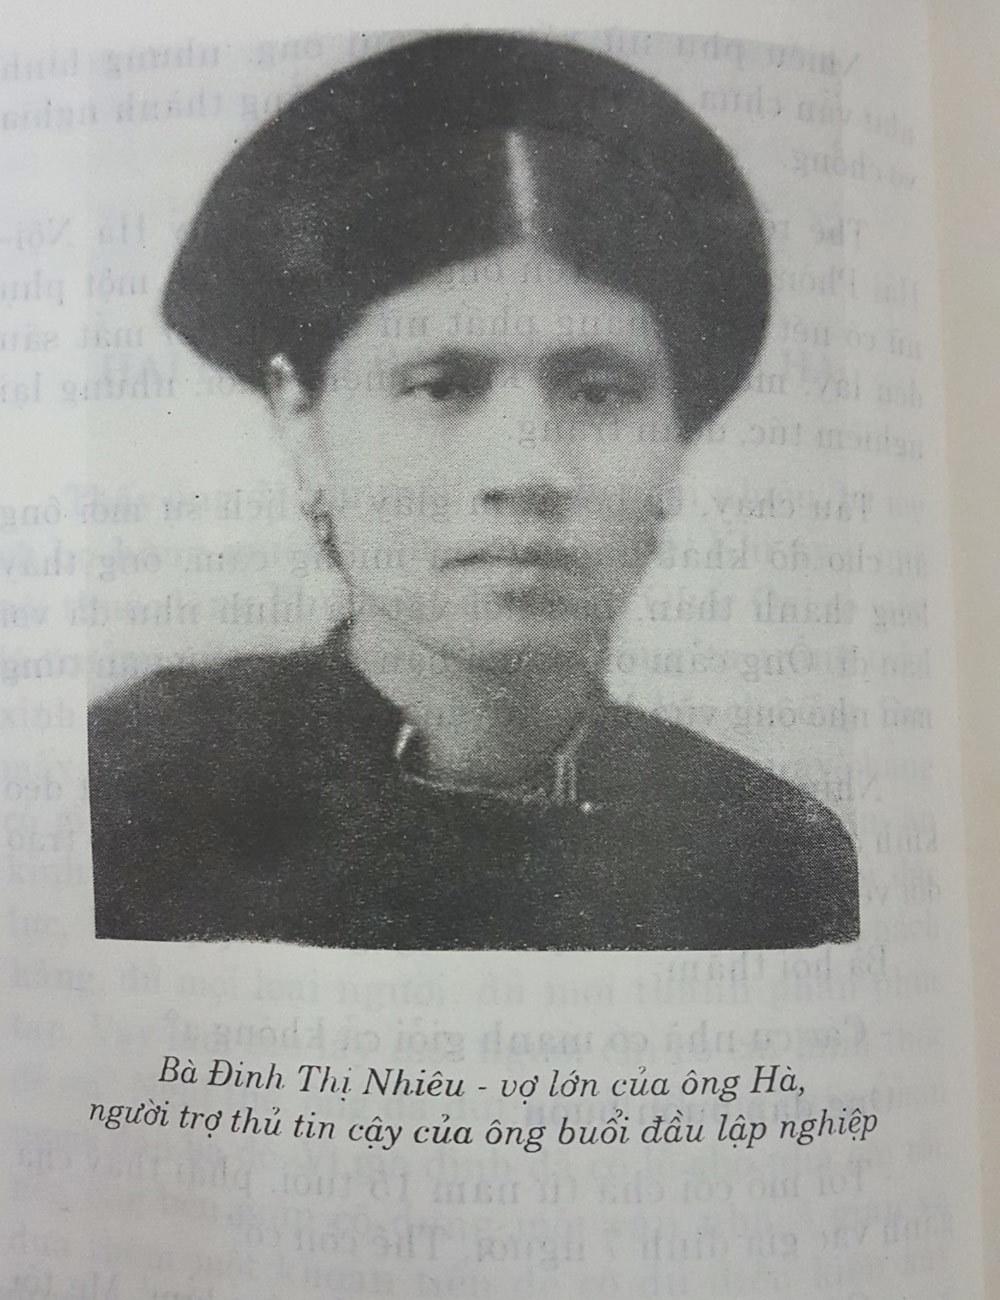 Doanh nhân,Doanh nhân Nguyễn Sơn Hà,Tình yêu